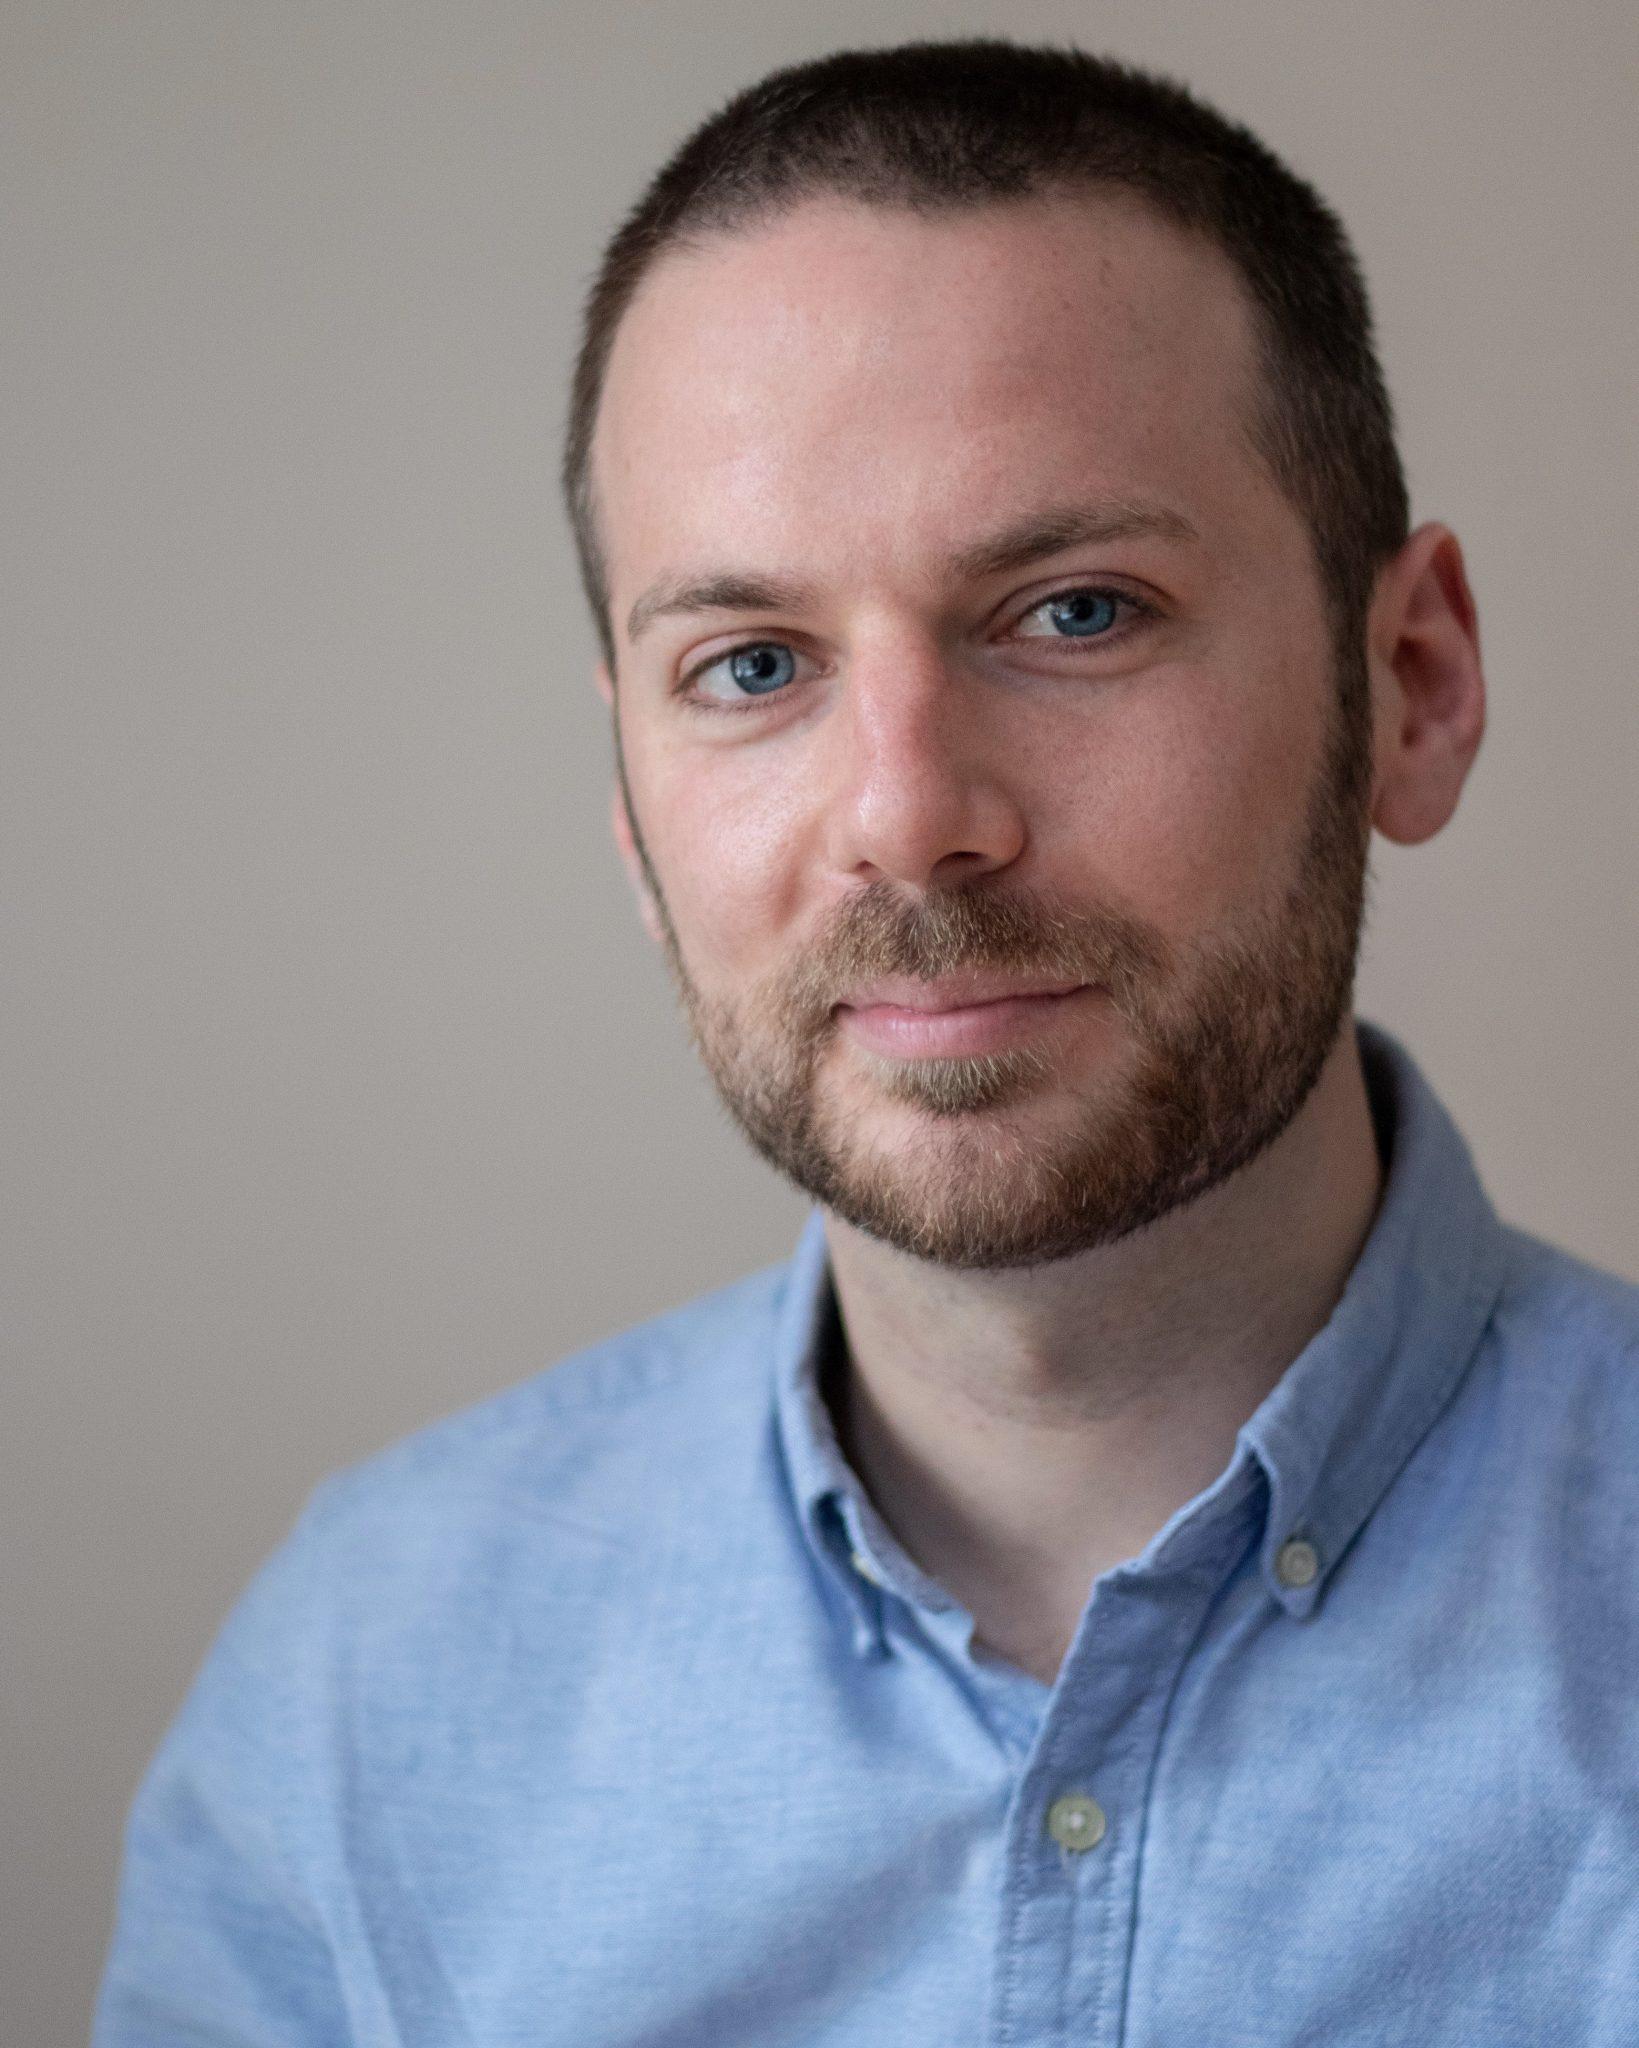 Phil Bartlett (Director)